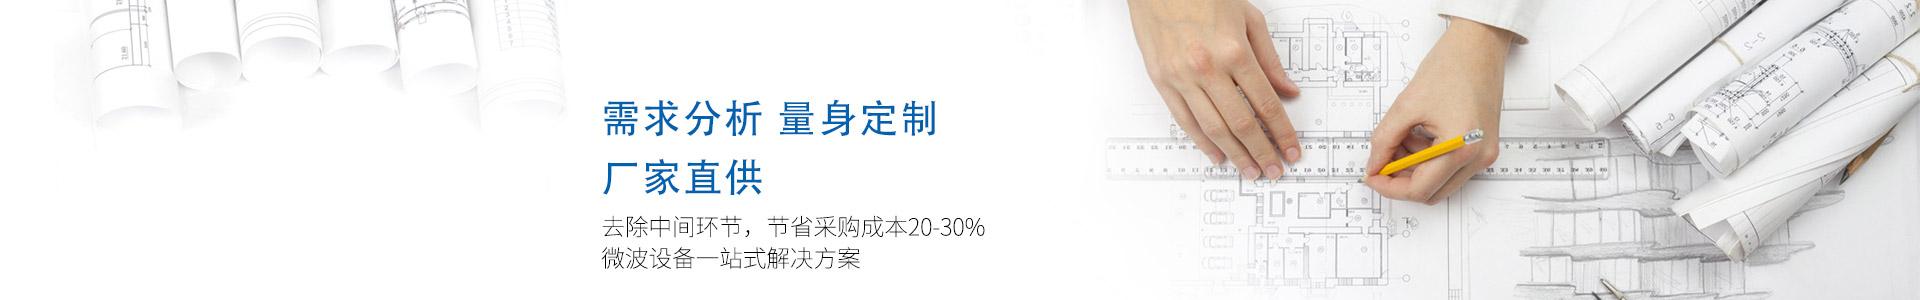 微波设备一站式解决方案-上海博奥微波